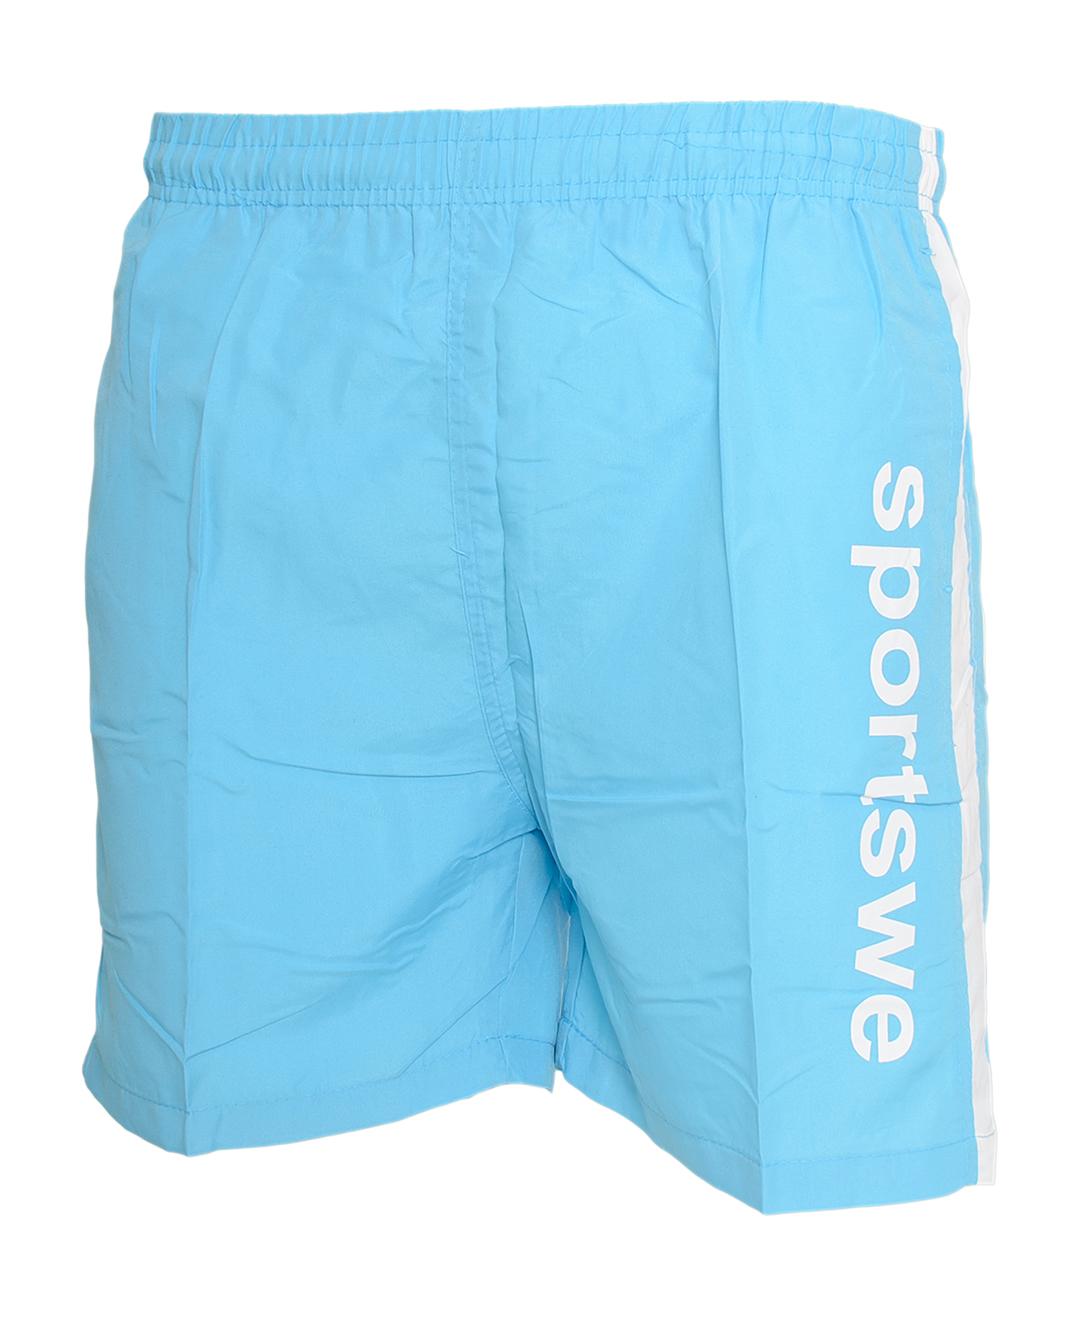 Ανδρικό Μαγιώ Sportswe Ciel αρχική ανδρικά ρούχα επιλογή ανά προϊόν μαγιό